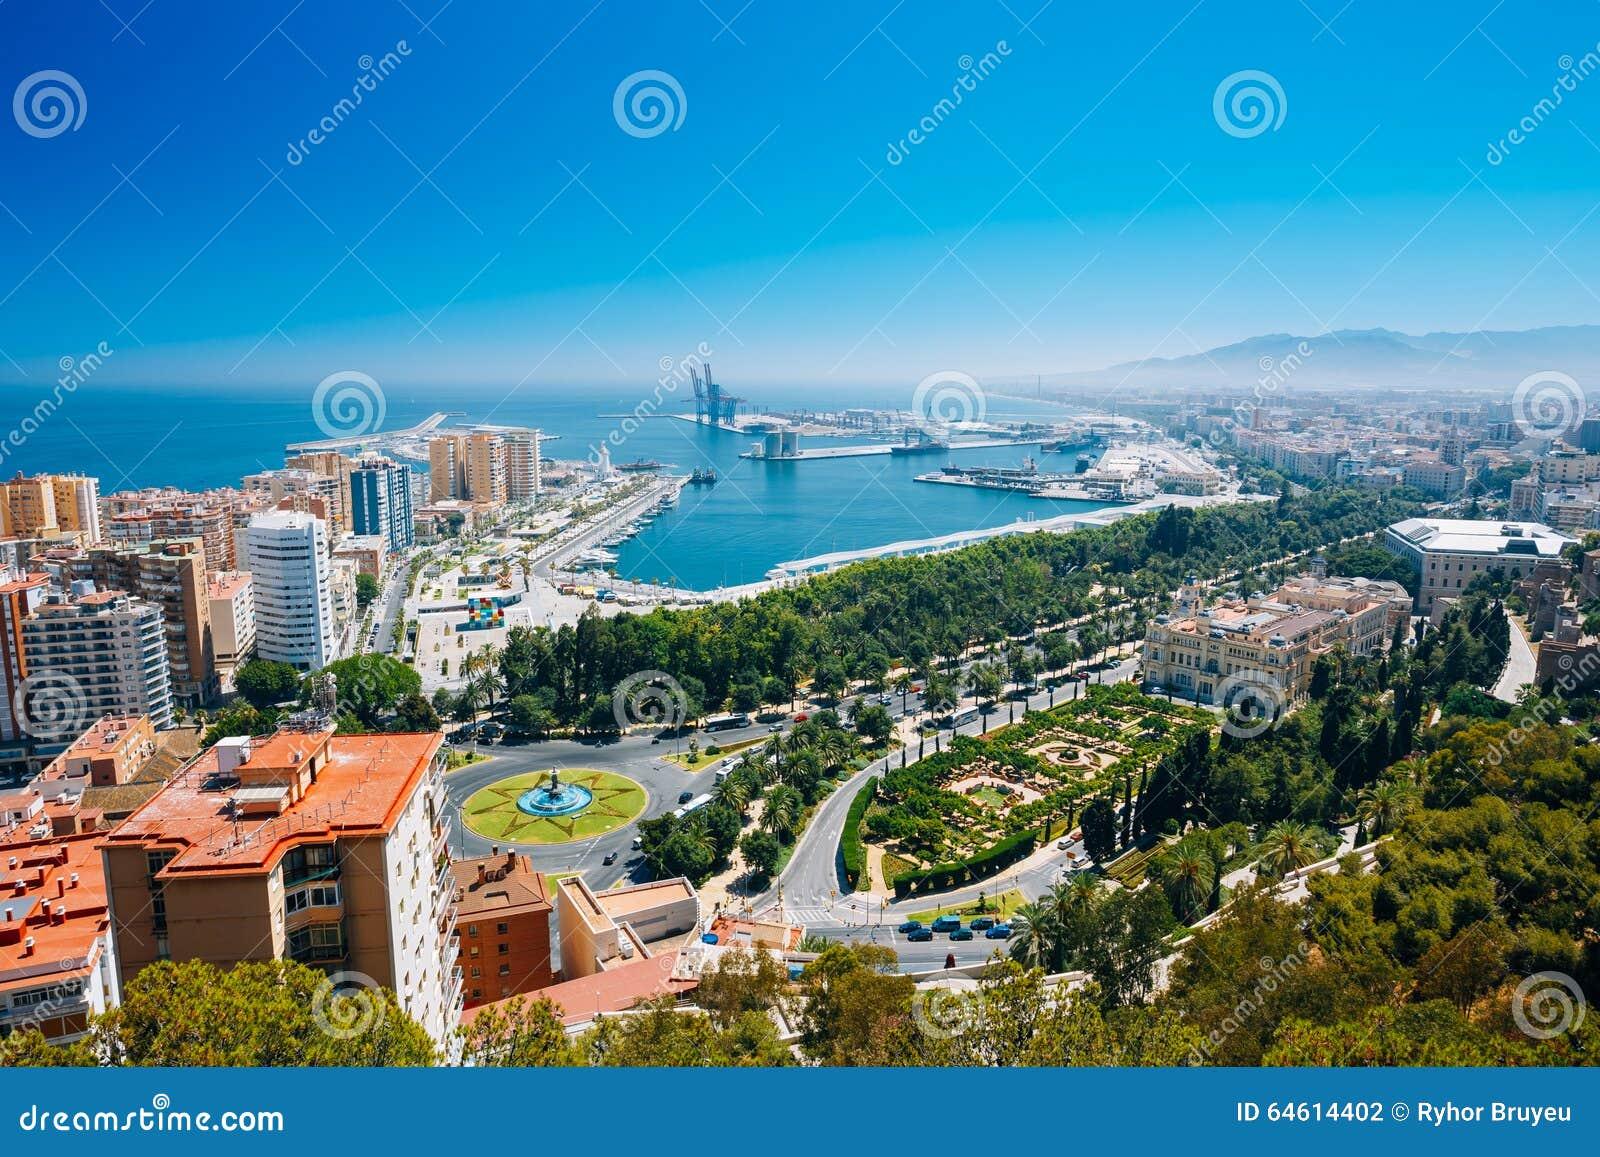 Vista aerea di paesaggio urbano di malaga spagna fotografia stock immagine 64614402 - Fotografia aerea malaga ...